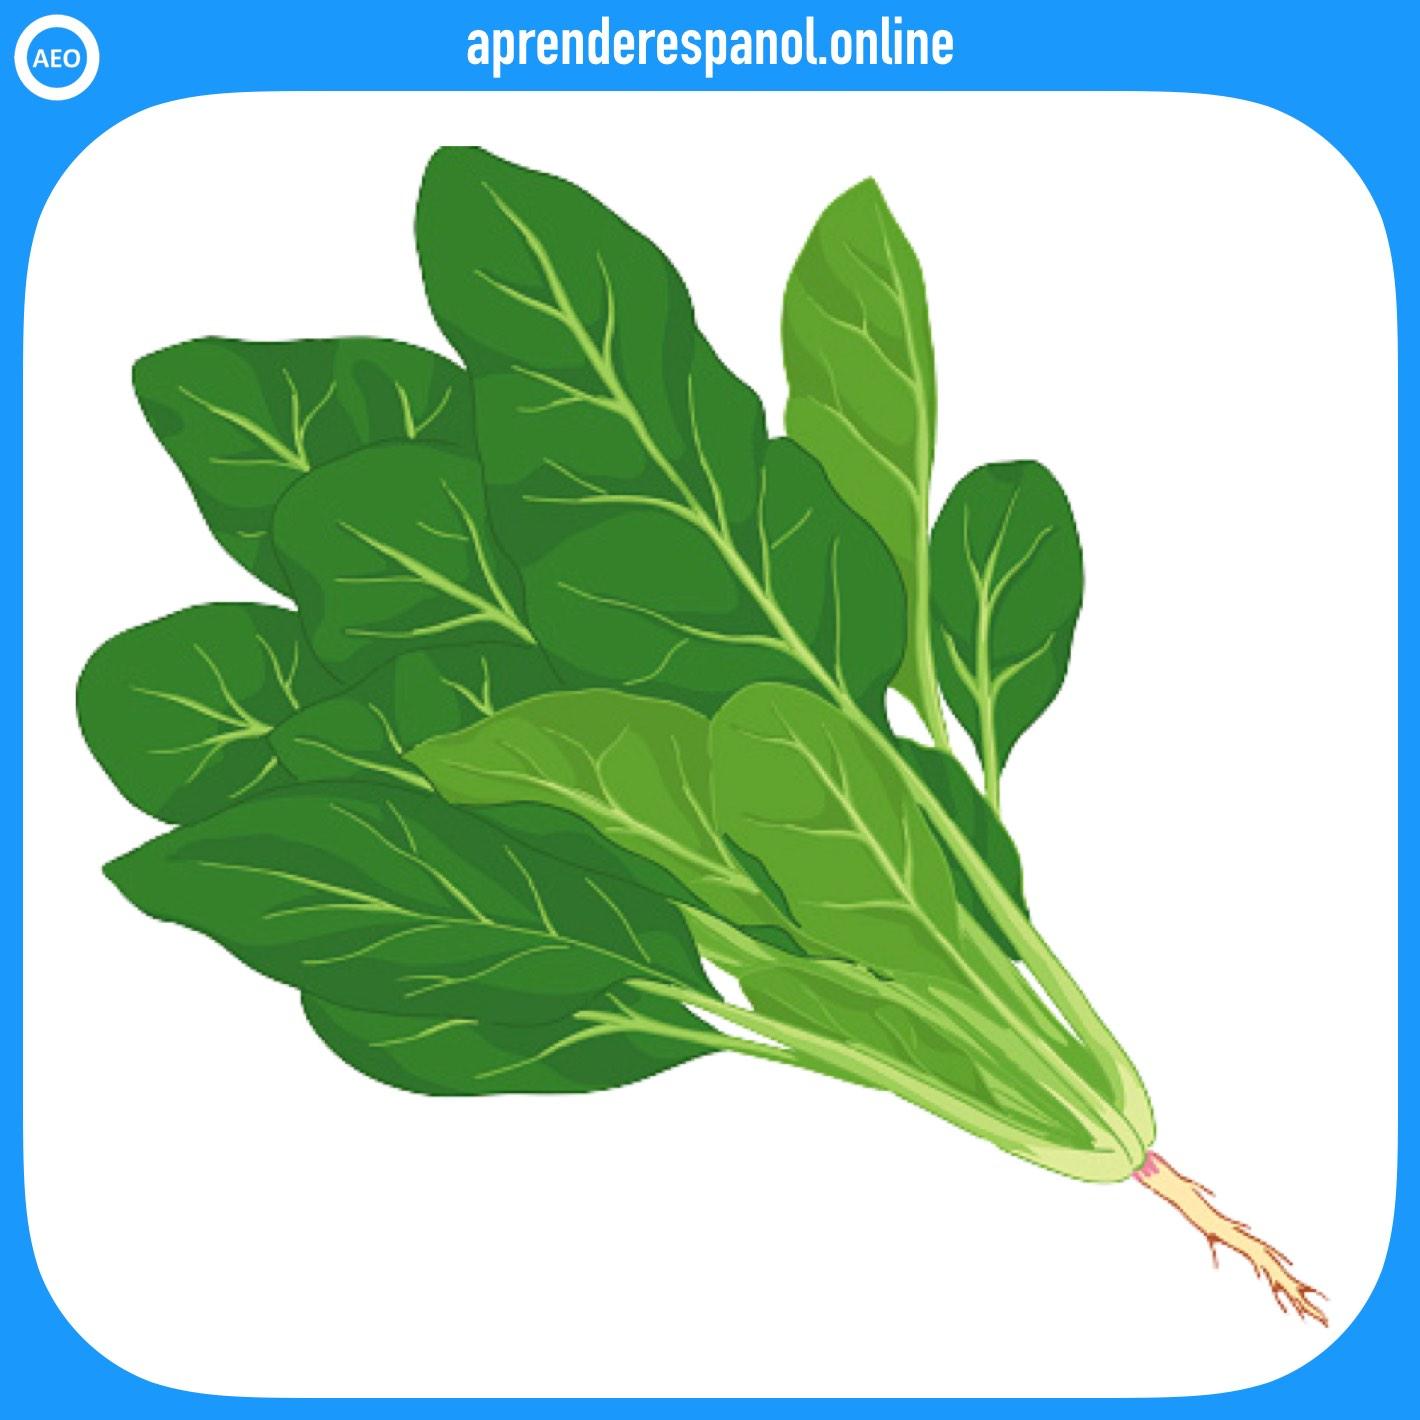 espinaca | verduras en español | vocabulario de las verduras en español